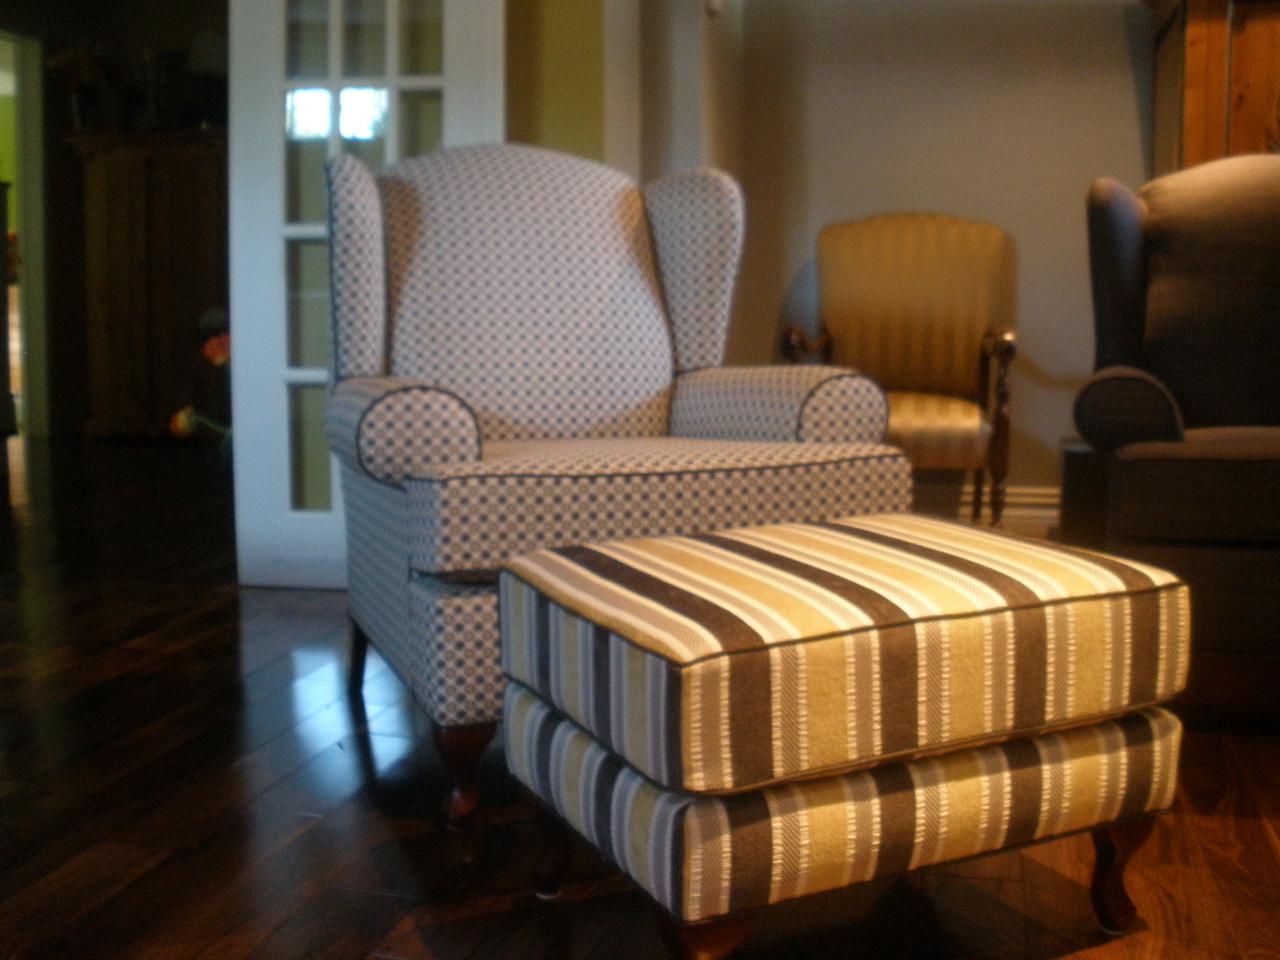 Rembourrage d'un fauteuil et de son pouf pour leur redonner leur beauté et leur confort.